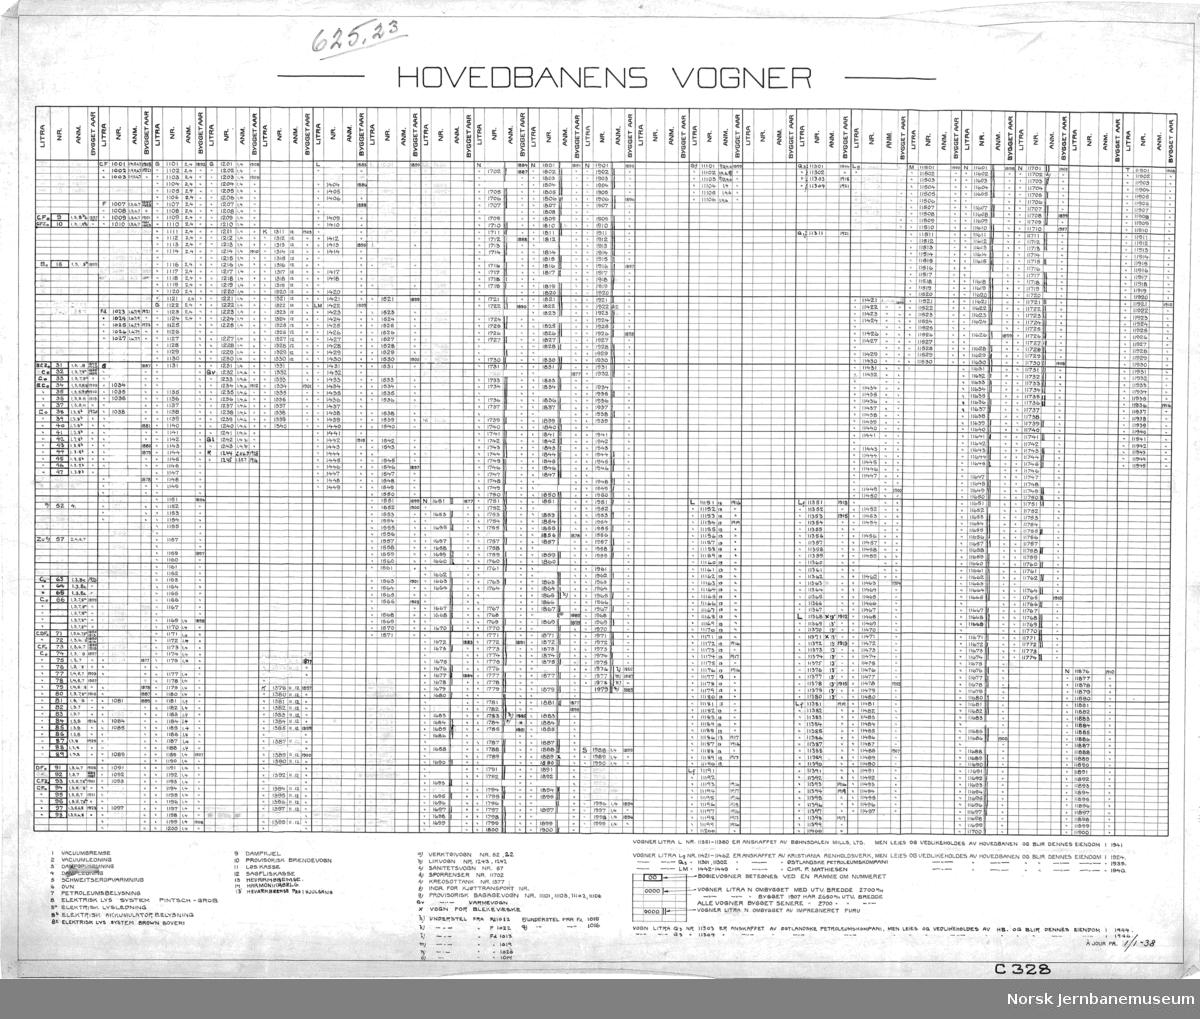 Hovedbanens vogner - oversikt over vognpark og vognutstyr, ajourført 1938